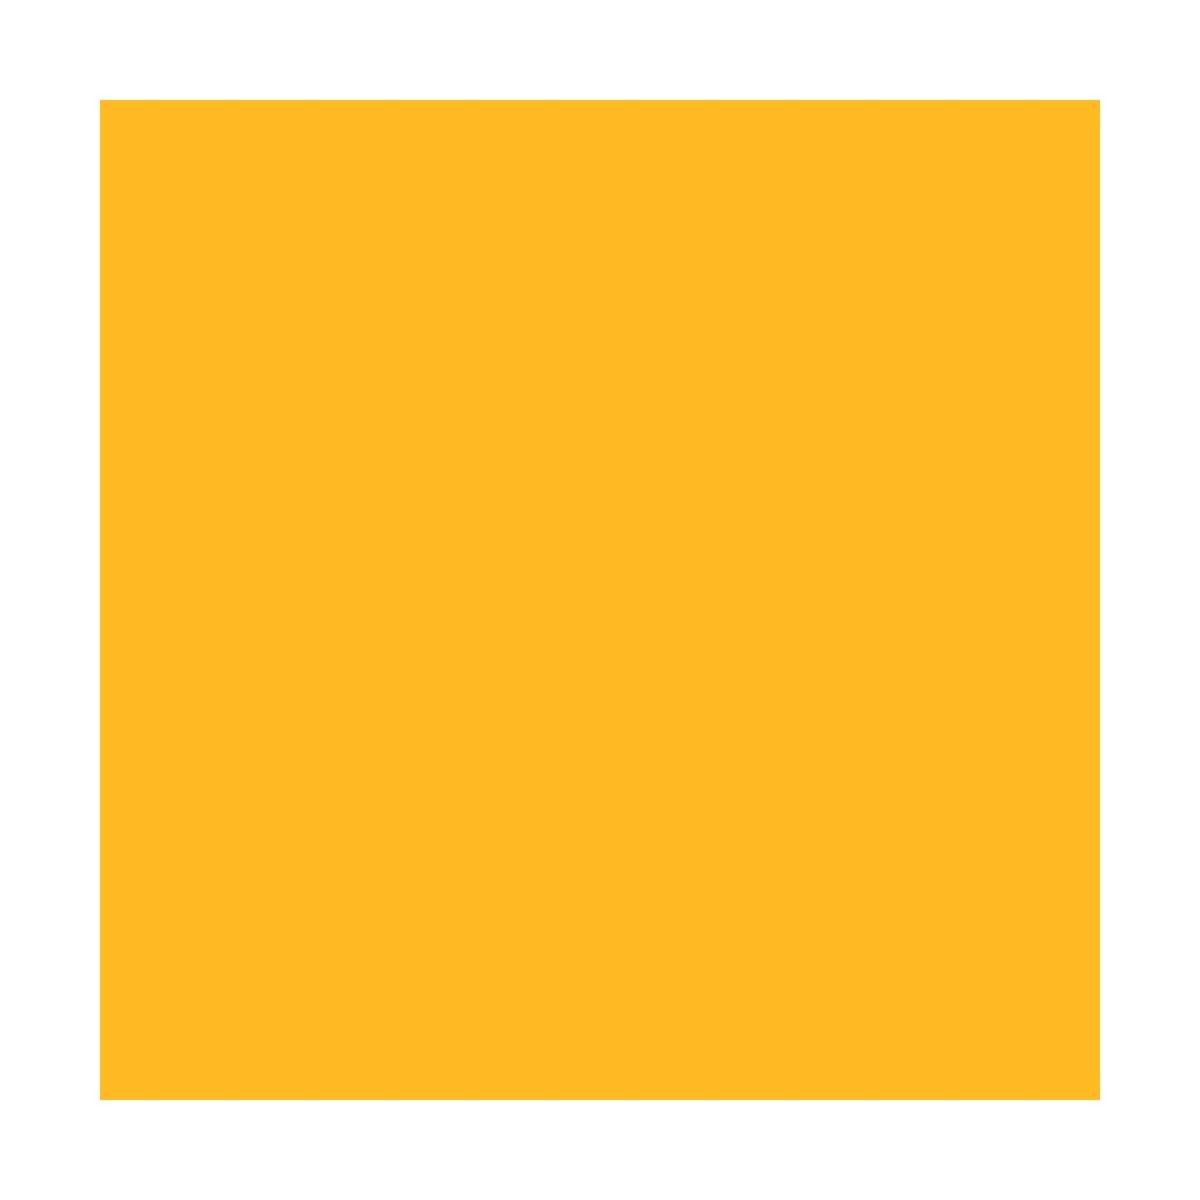 bd_backgrounds_169_marigold_02